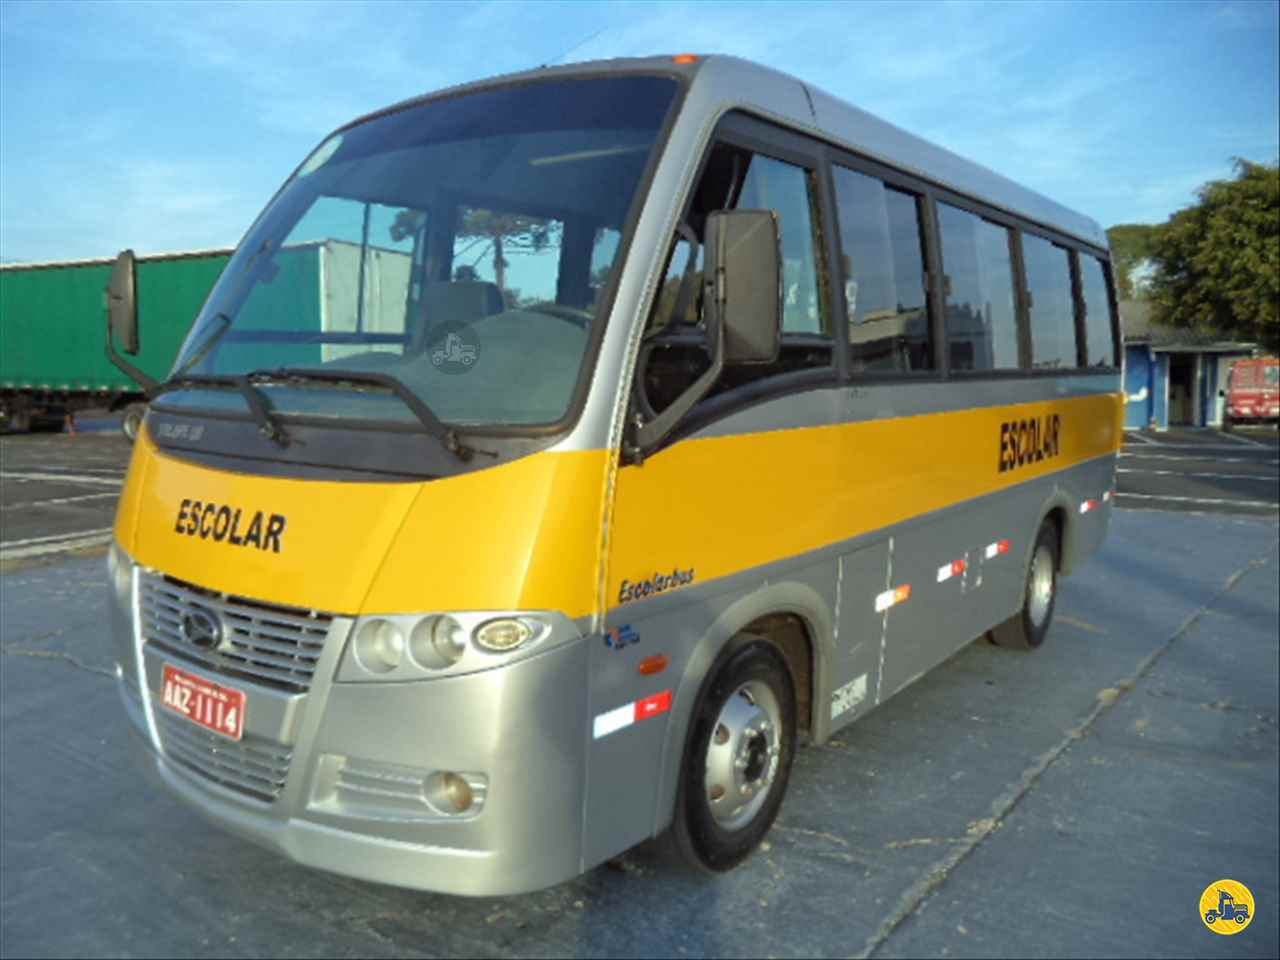 ONIBUS MARCOPOLO Volare W8 Tração 4x2 Nego Véio Caminhões e Ônibus  COLOMBO PARANÁ PR